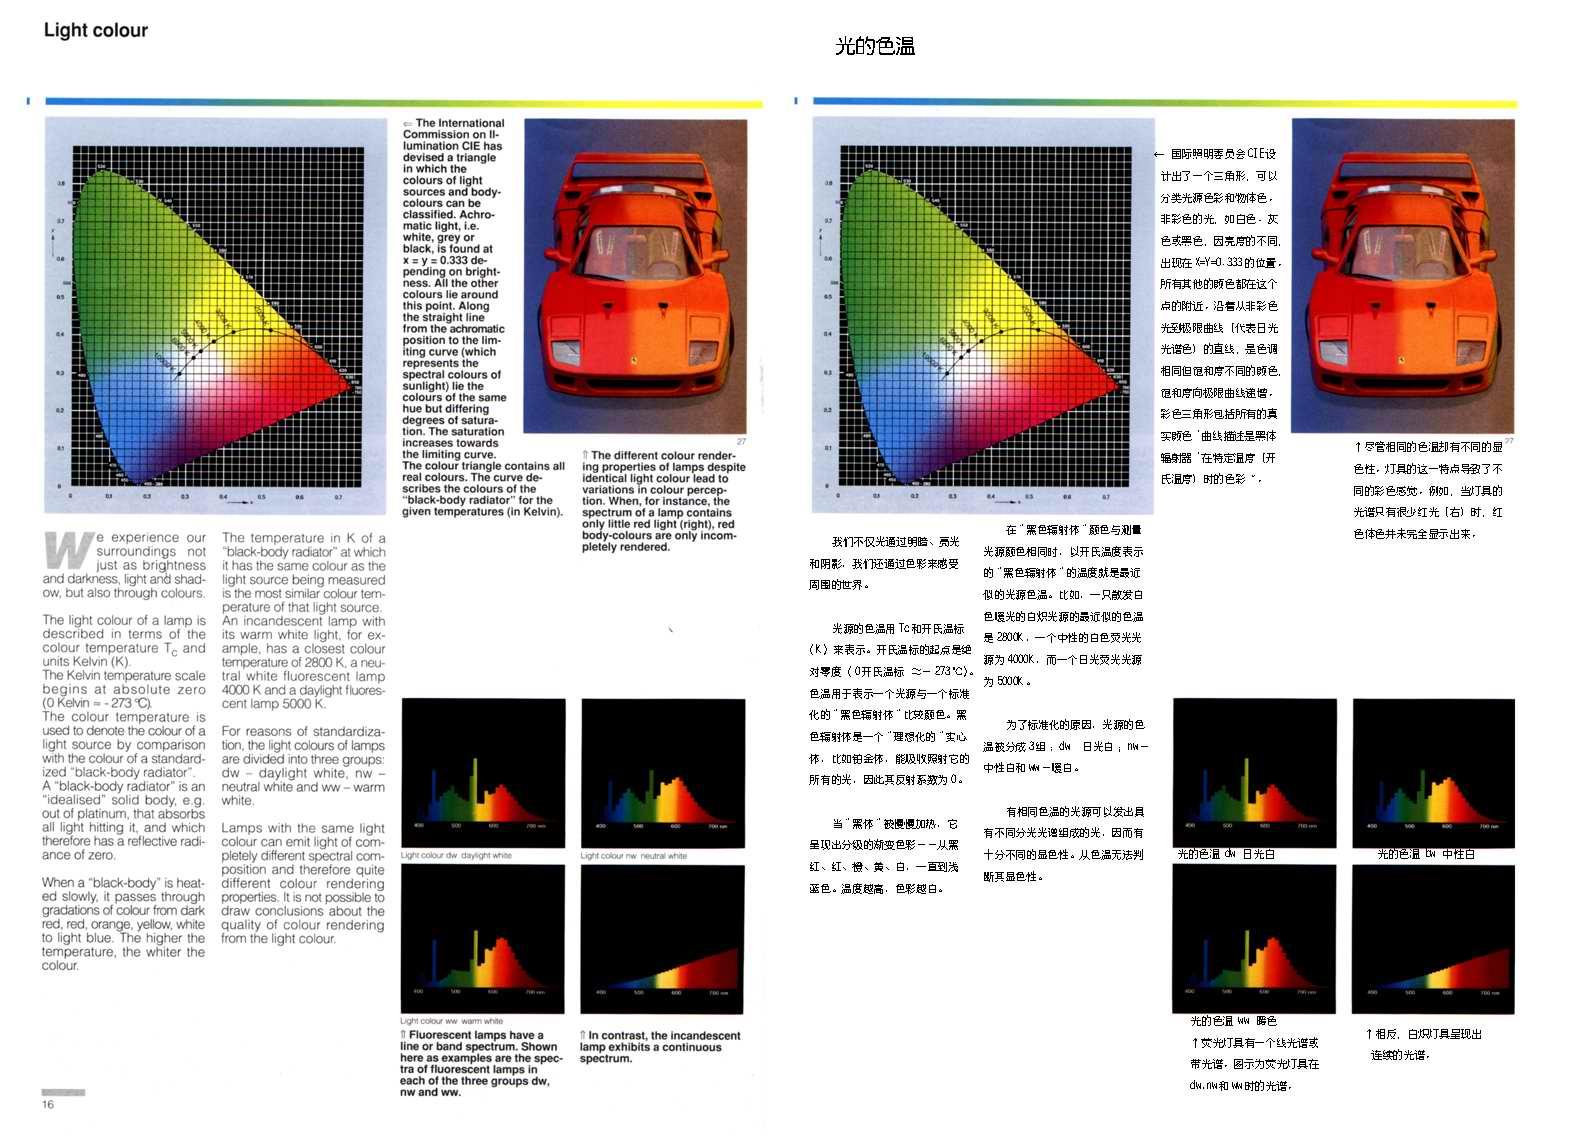 照明设计教程:人造光照明专业教程--(中英文对照版) (多图附:下载) - R站|学习使我快乐! - 9